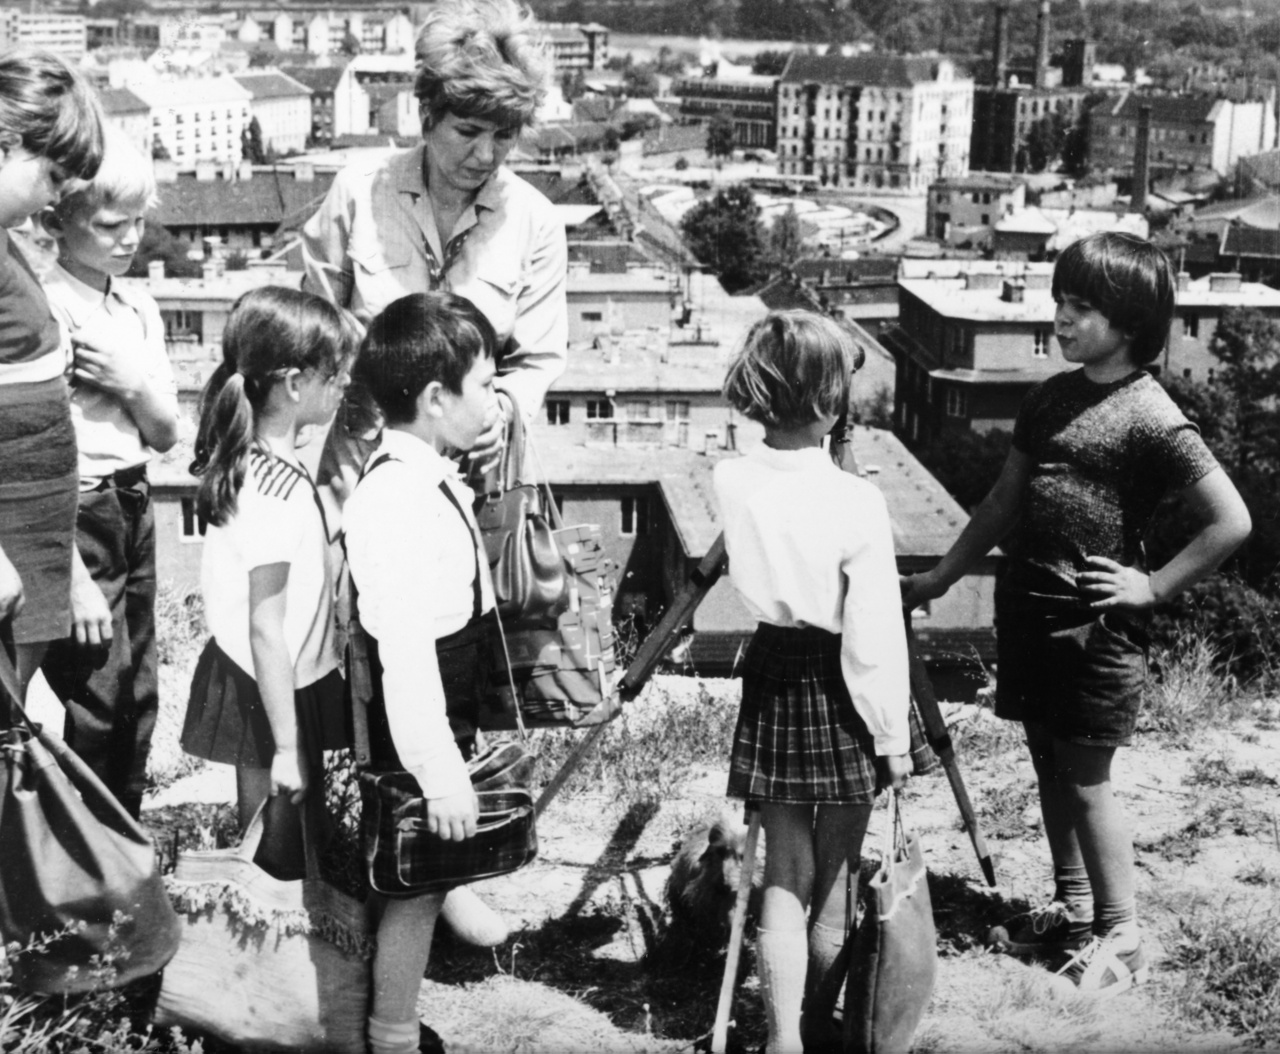 Kisrece és a kiránduló gyerekek találkozása a Nagyszombat utca felett, az Újlaki-hegy oldalában. A háttérben a Goldberger-gyár és Aquincum katonavárosi amfiteátruma is látható.